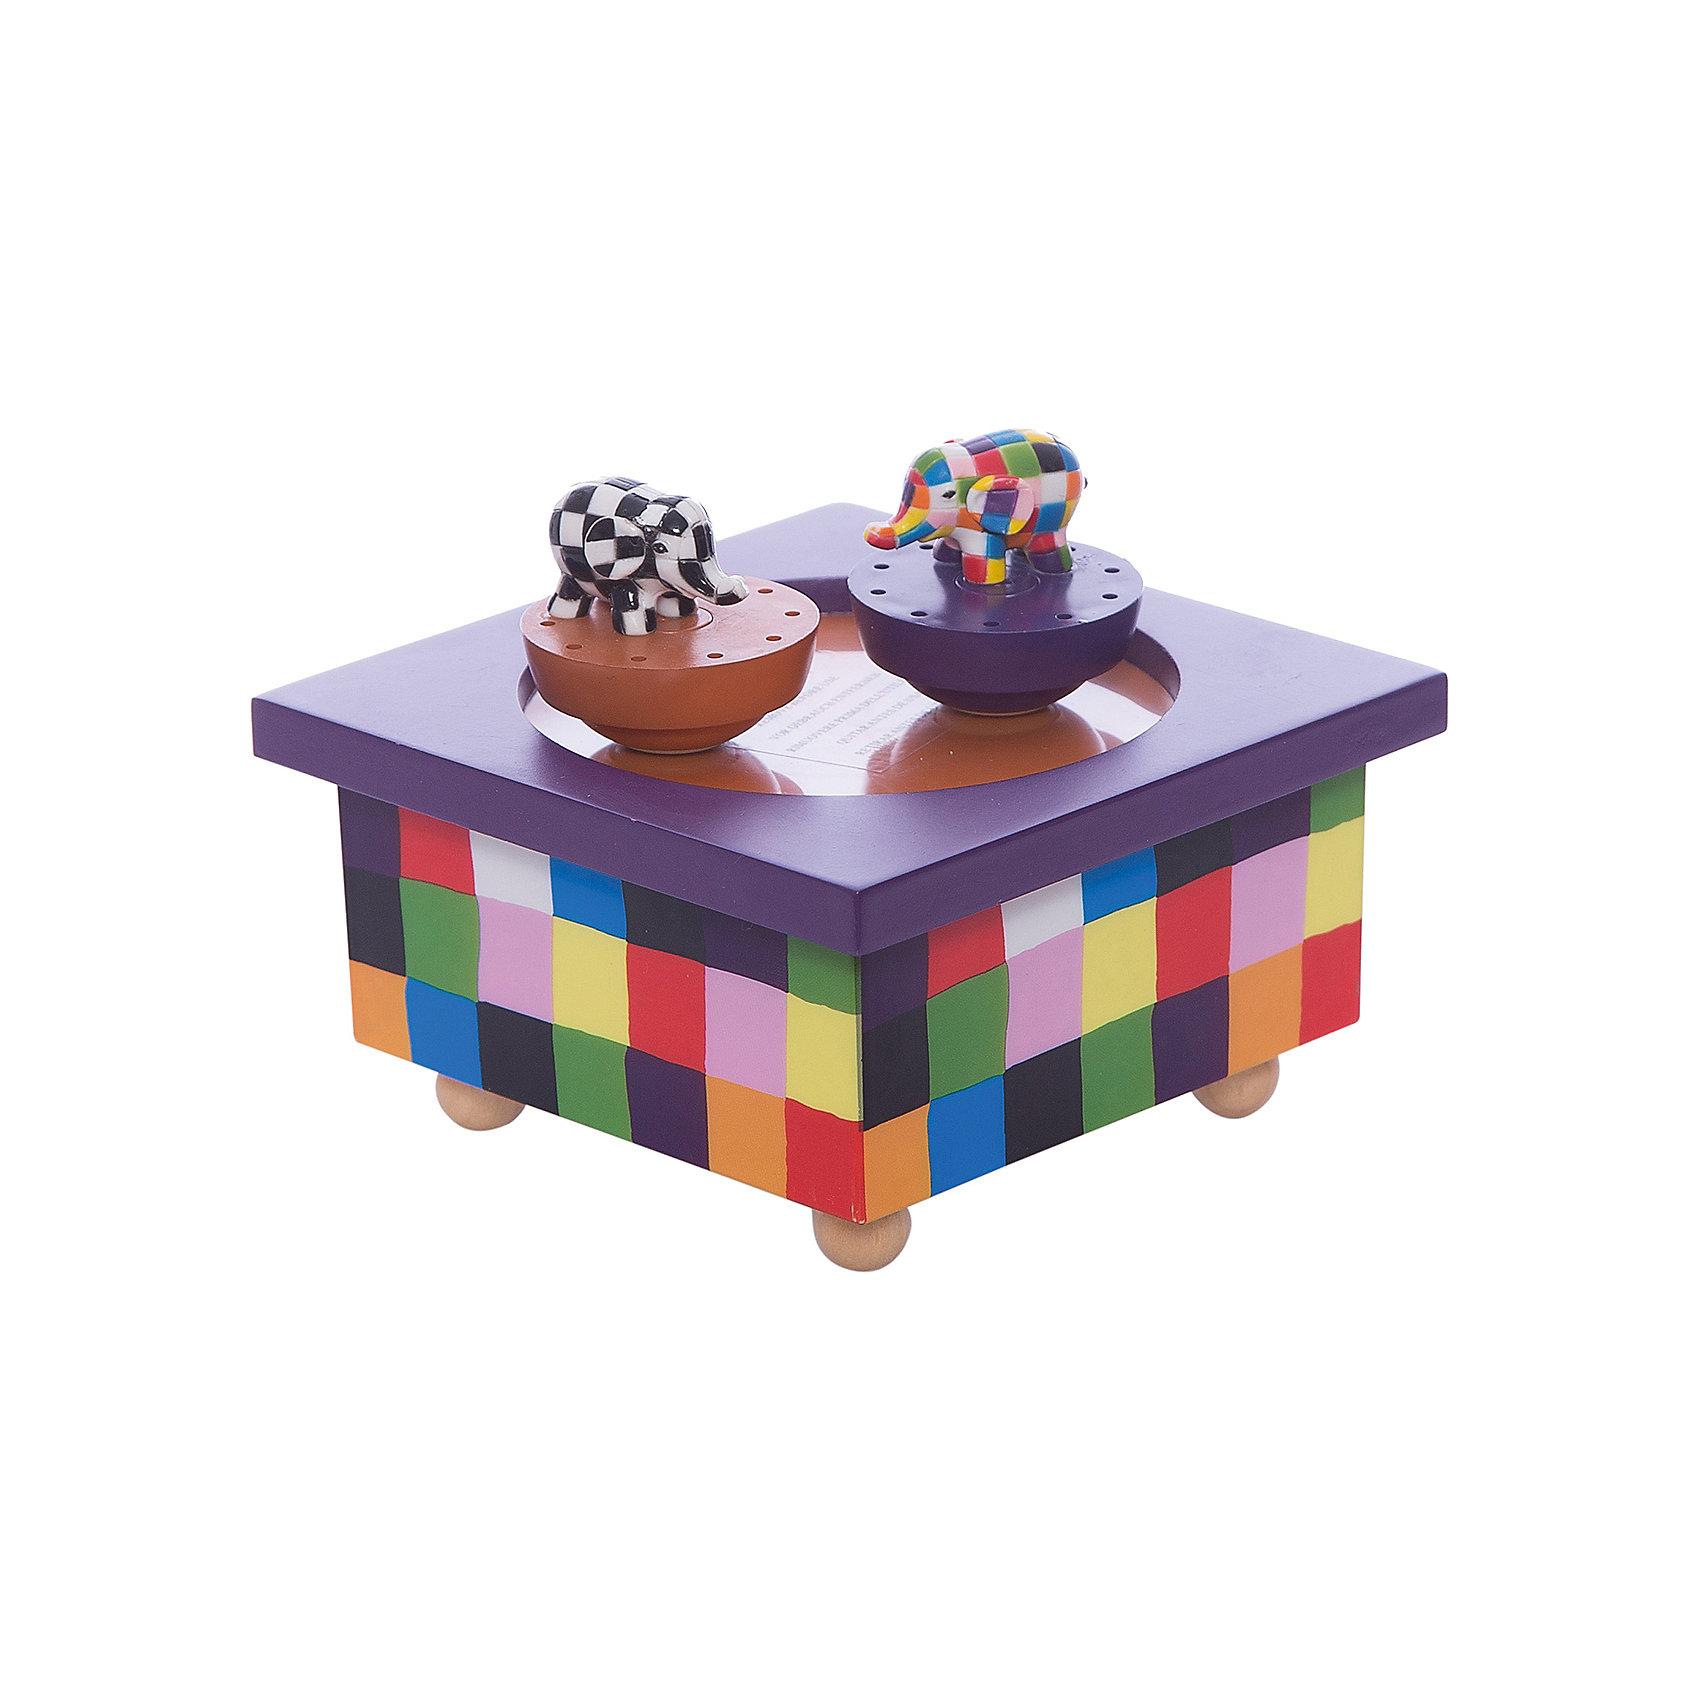 Музыкальная шкатулка Elmer©, TrousselierПредметы интерьера<br>Музыкальная шкатулка Elmer©, Trousselier<br><br>ВНИМАНИЕ! Шкатулка предназначена для декора комнаты, она не открывается и хранить в ней разные мелочи и бижутерию невозможно.<br><br>Музыкальная шкатулка - это мечта множества девчонок. Подарите девочке настоящую музыкальную шкатулку с заводным механизмом от французской компании Trousselier. Шкатулка проигрывает приятную мелодию, заводится с помощью ключика.<br>Она выглядит очень красиво - на ней симпатичные фигурки, которые кружатся при проигрывании мелодии. Шкатулка упакована в подарочную коробку производителя. Изделие произведено из высококачественных материалов, и соответствует европейским стандартам безопасности.<br><br>Дополнительная информация:<br><br>цвет: разноцветный;<br>материал: дерево;<br>подарочная упаковка;<br>заводной механизм;<br>размер: 11 х 11 х 7 см.<br><br>Музыкальную шкатулку Elmer© от французской компании Trousselier можно купить в нашем магазине.<br><br>Ширина мм: 114<br>Глубина мм: 114<br>Высота мм: 70<br>Вес г: 380<br>Возраст от месяцев: 12<br>Возраст до месяцев: 216<br>Пол: Унисекс<br>Возраст: Детский<br>SKU: 4961875